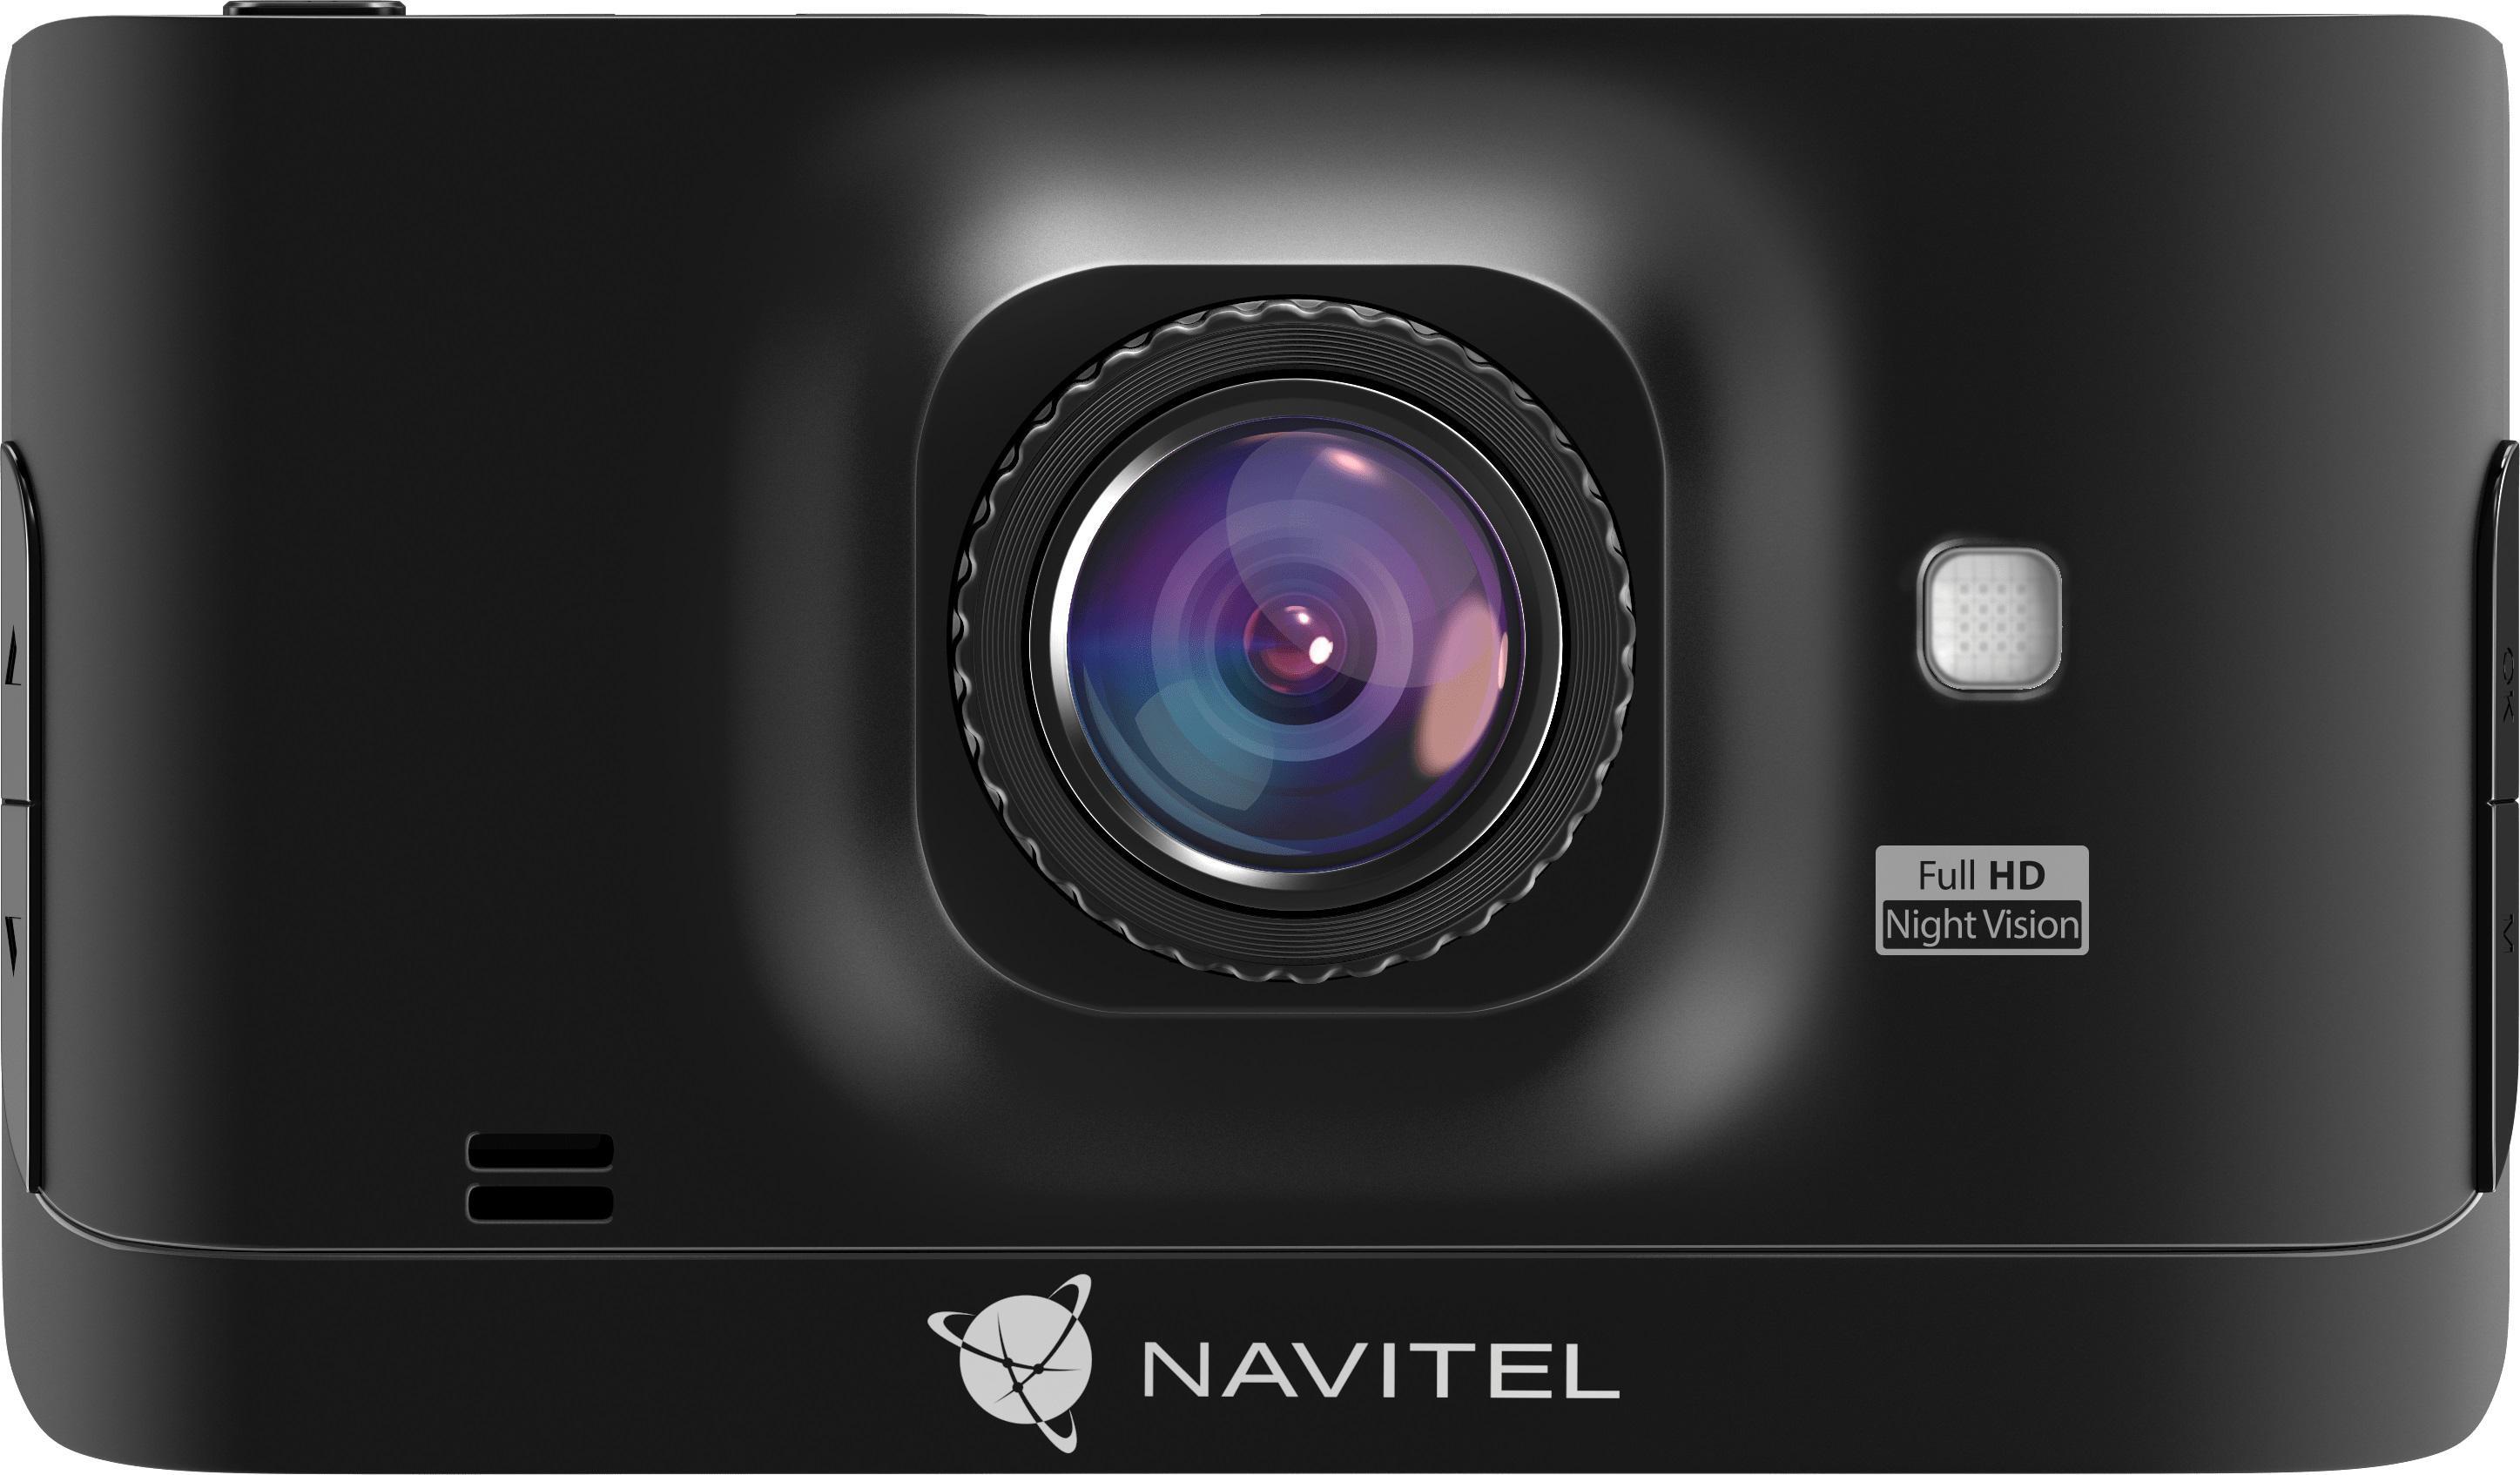 Artikelnummer NAVR400NV NAVITEL Preise